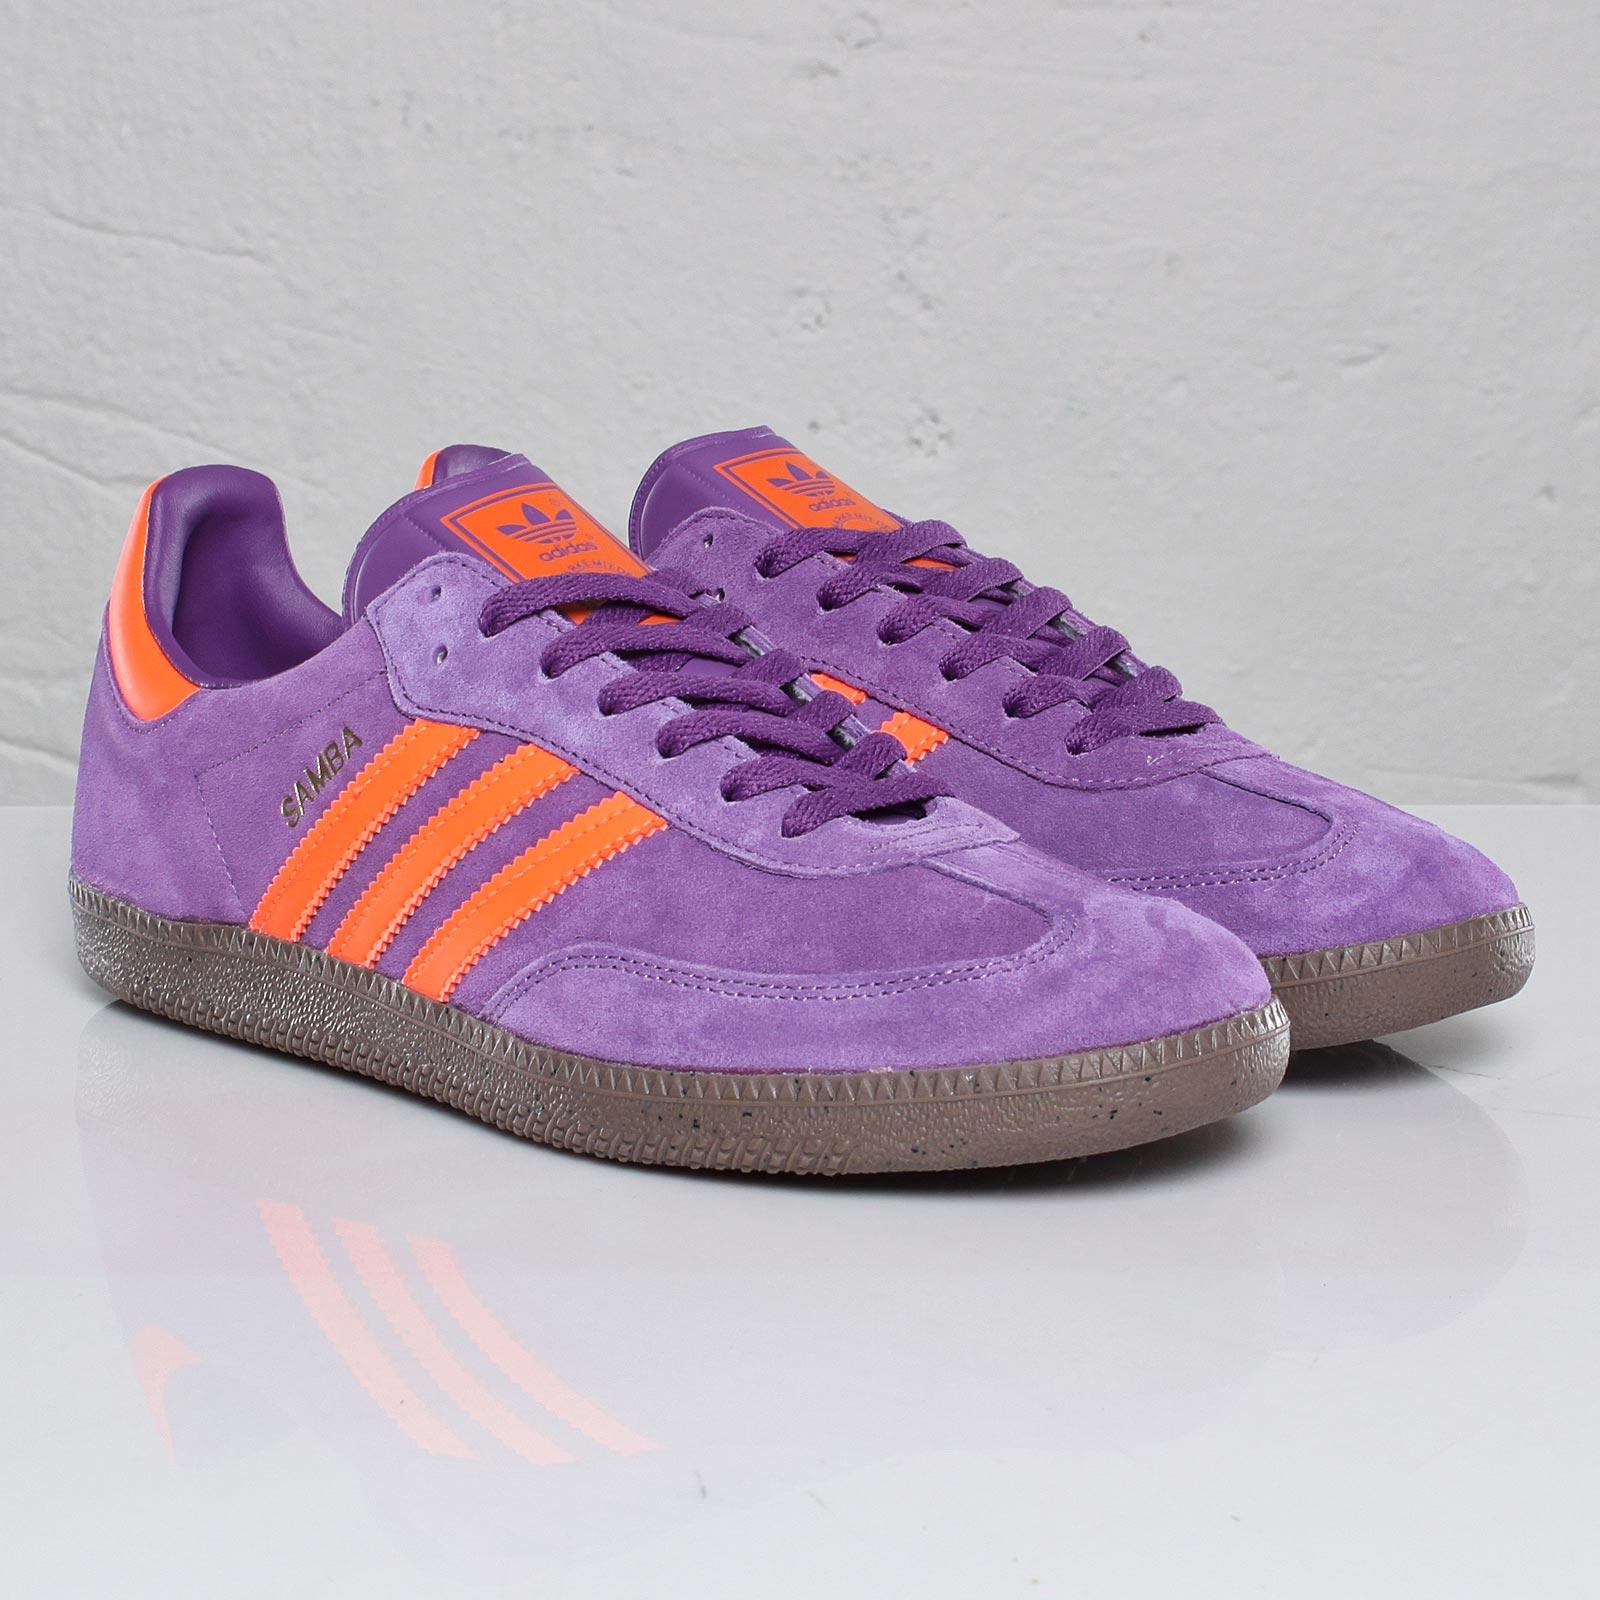 adidas Samba - 101420 - Sneakersnstuff